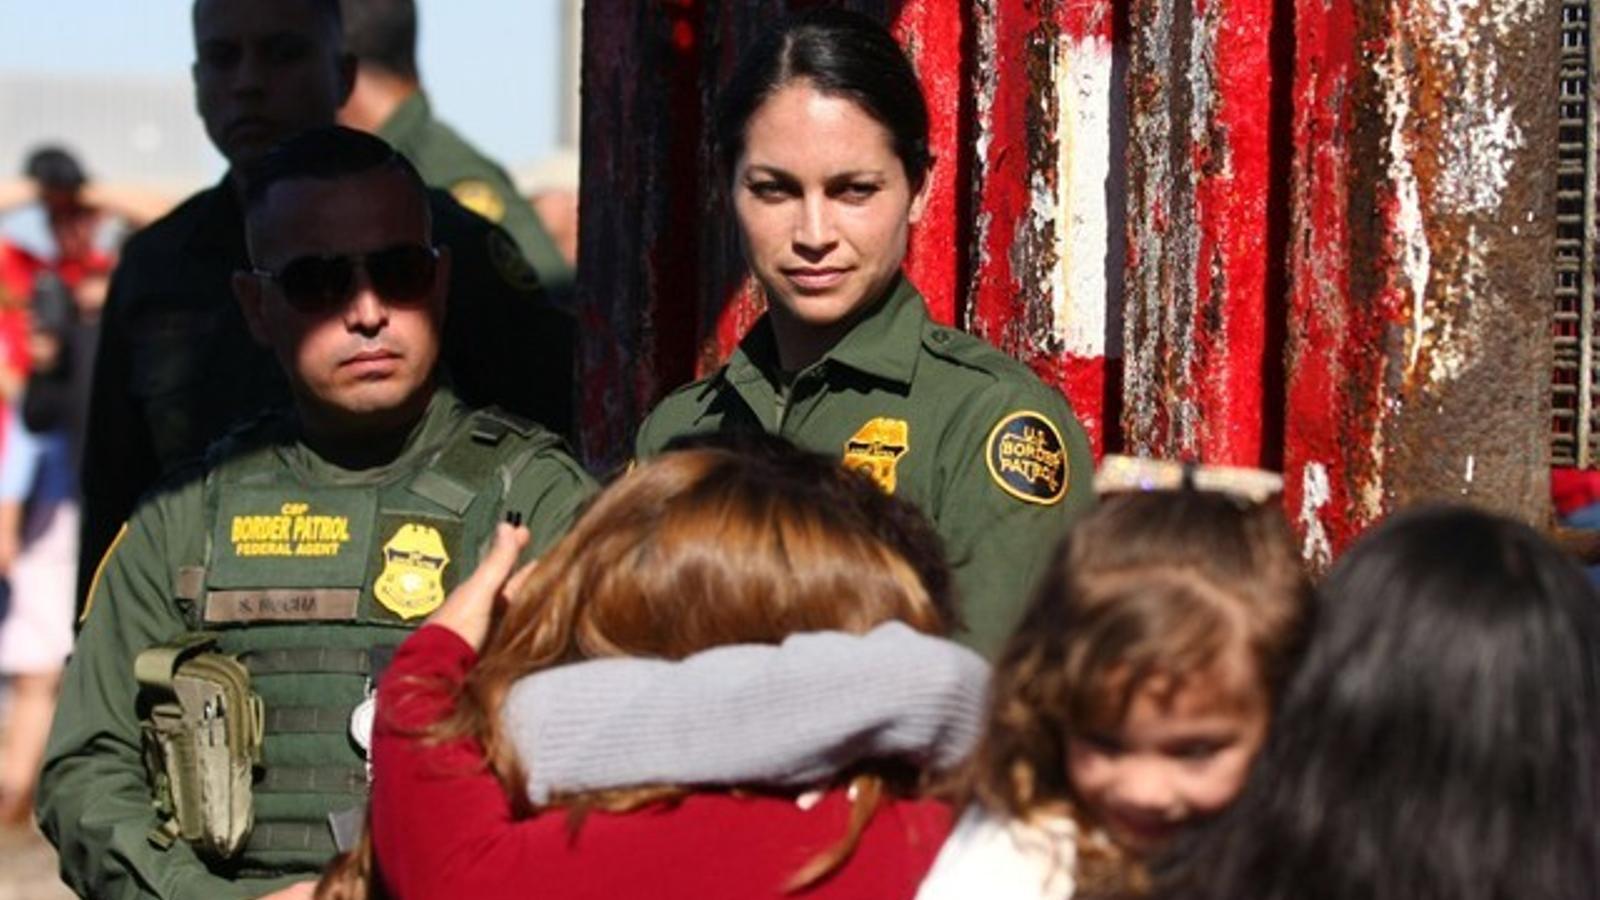 Dos guàrdies dels Estats Units miren l'abraçada de dos familiars separats per la frontera, a Tijuana.